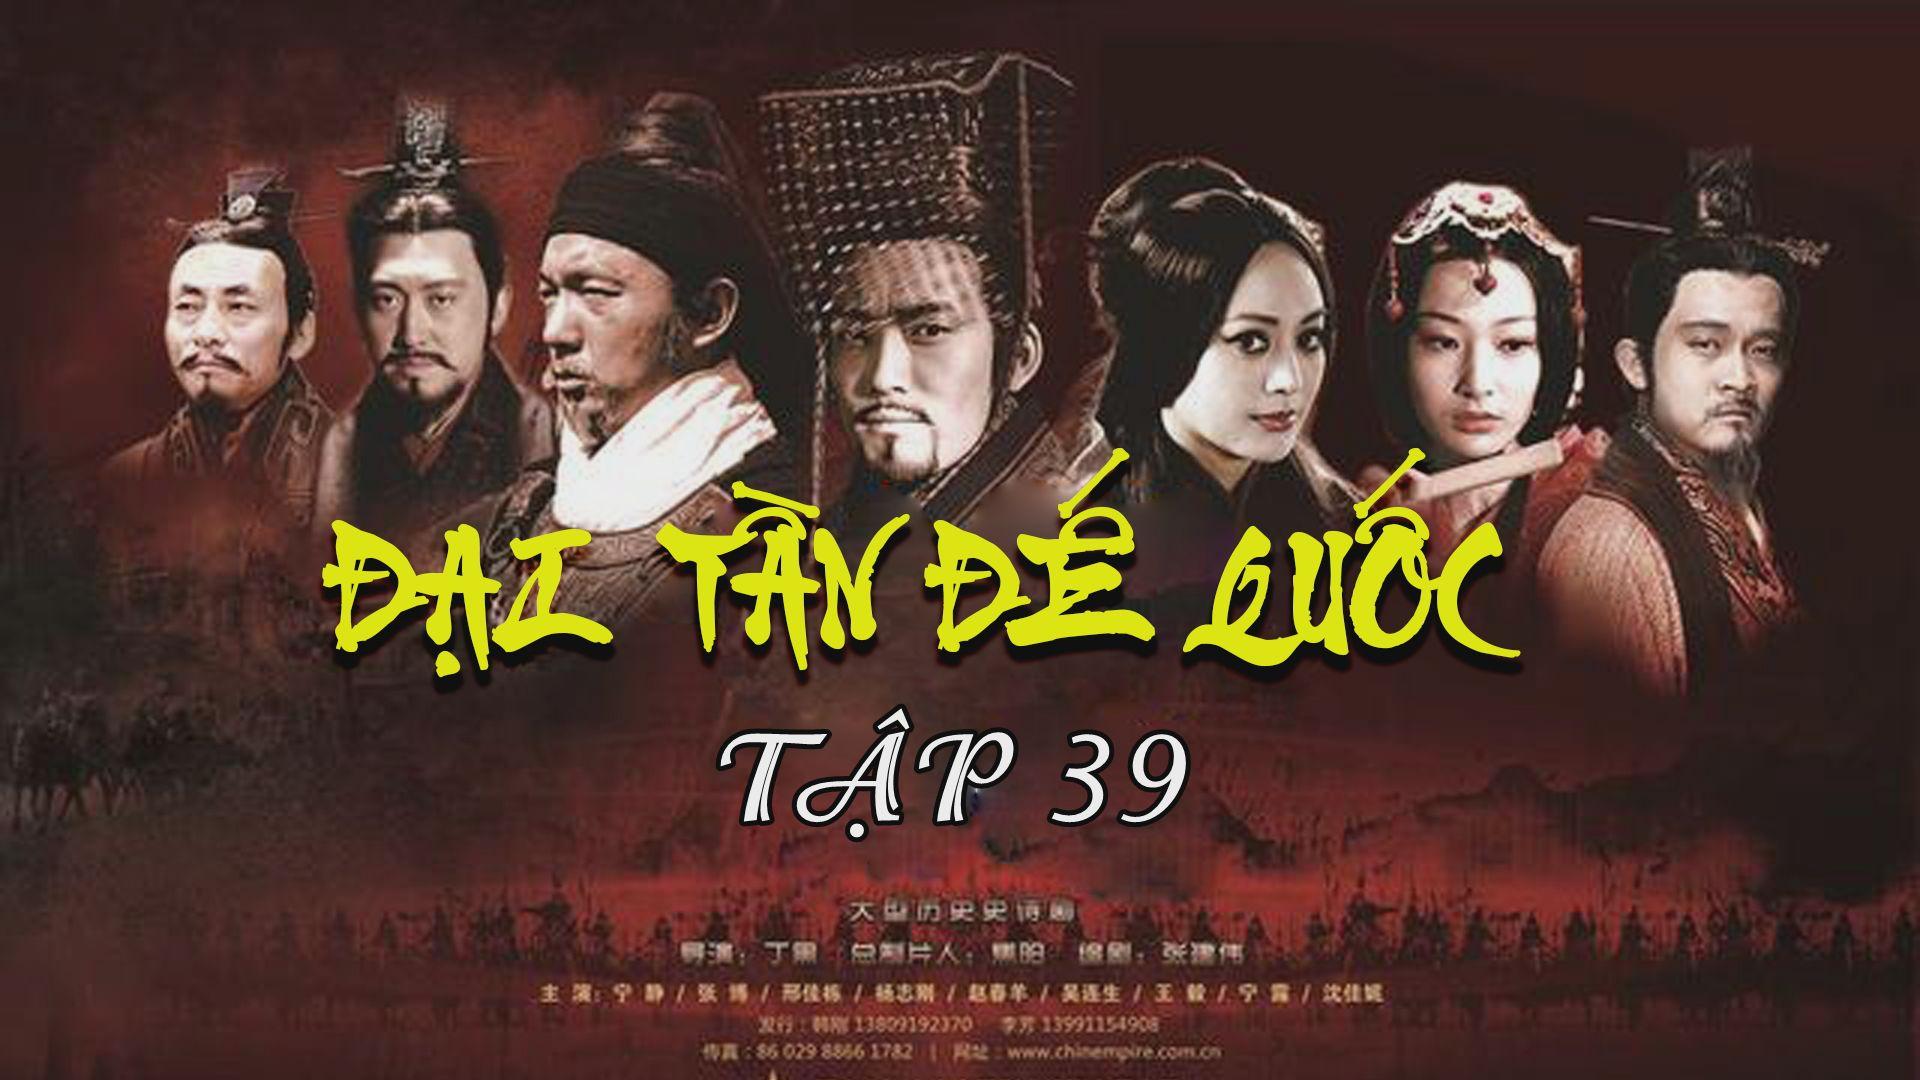 Tập 39 | ĐẠI TẦN ĐẾ QUỐC - Phần 3 - QUẬT KHỞI - FULL HD | TayNinhTV